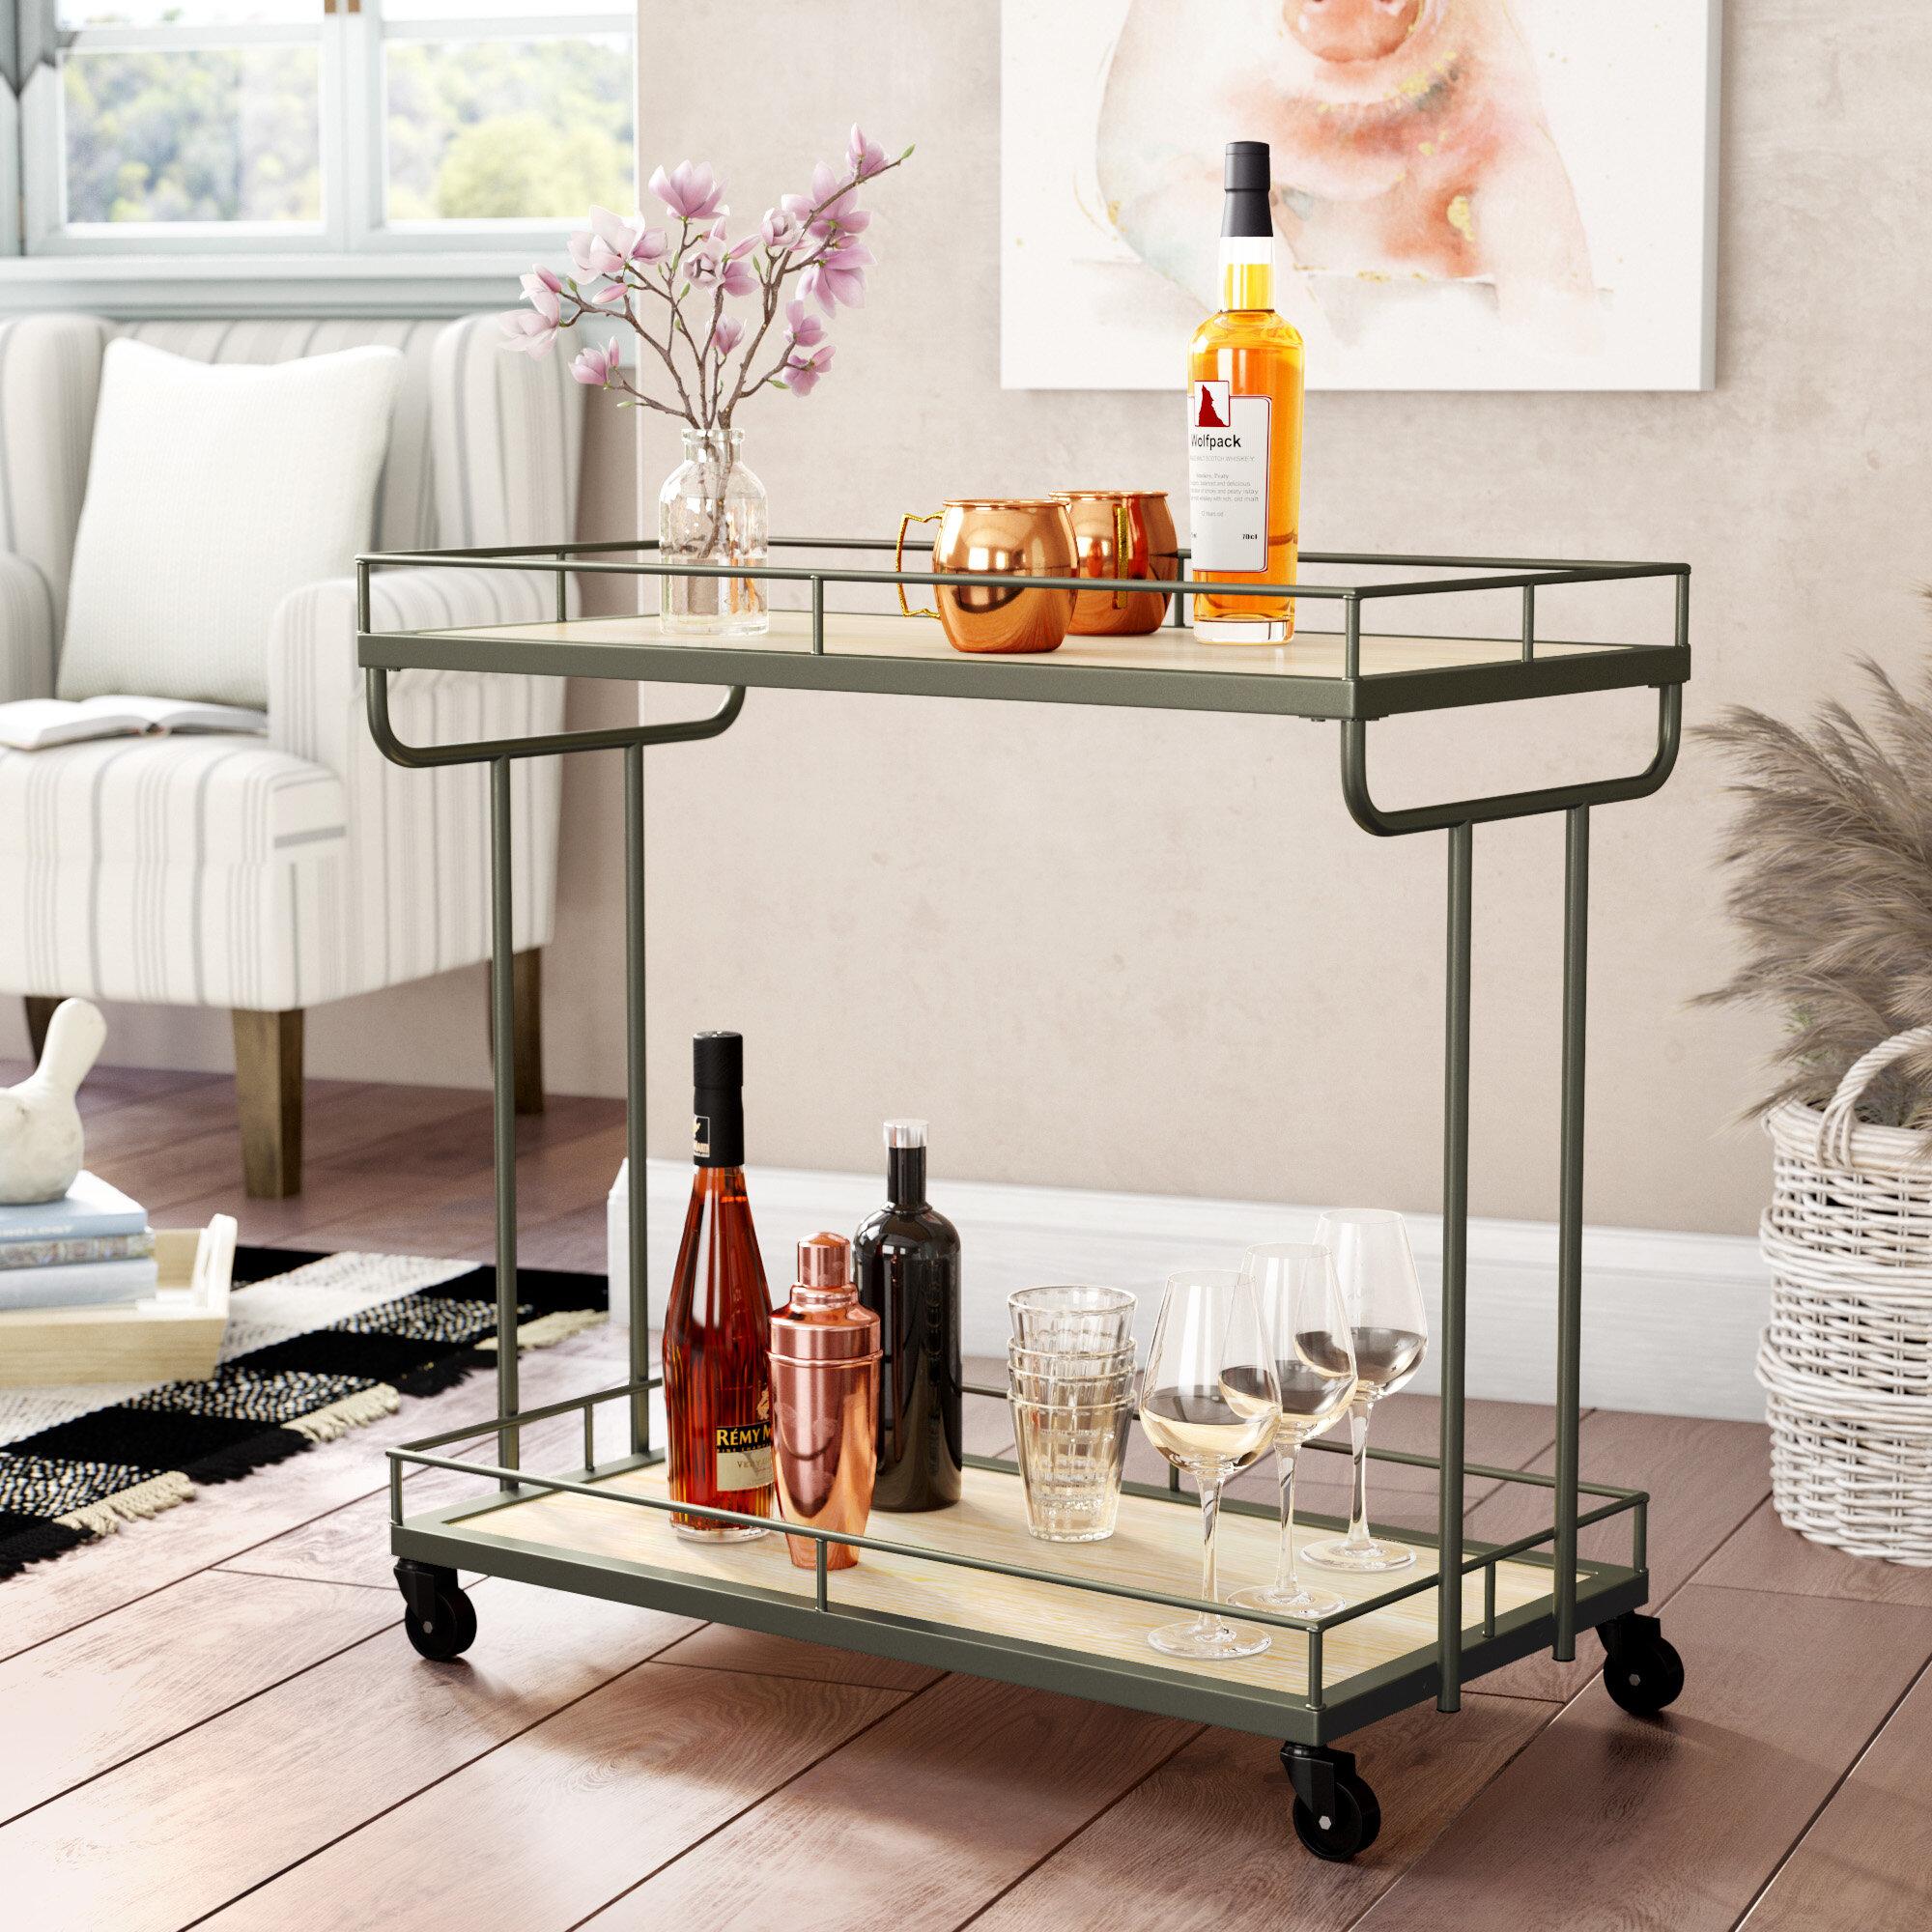 Baynham 2 Tier Bar Cart By Laurel Foundry Modern Farmhouse